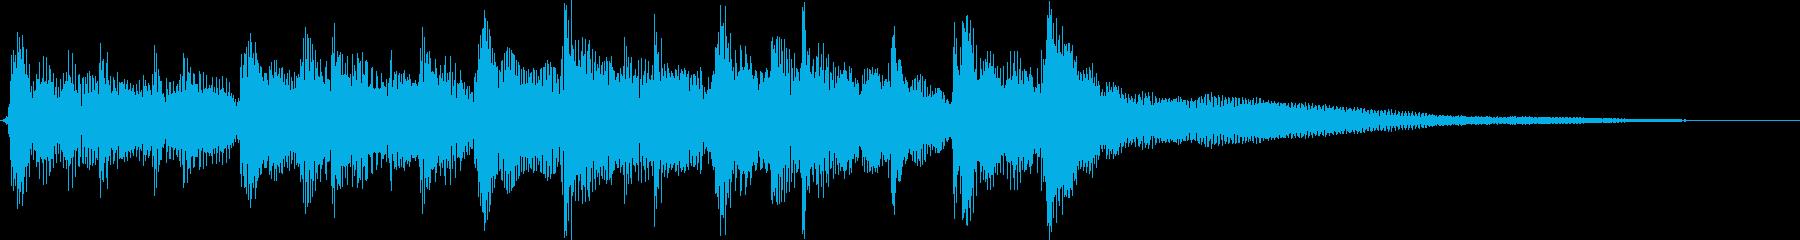 生ギター、キャンプ・DIY動画の転換にの再生済みの波形